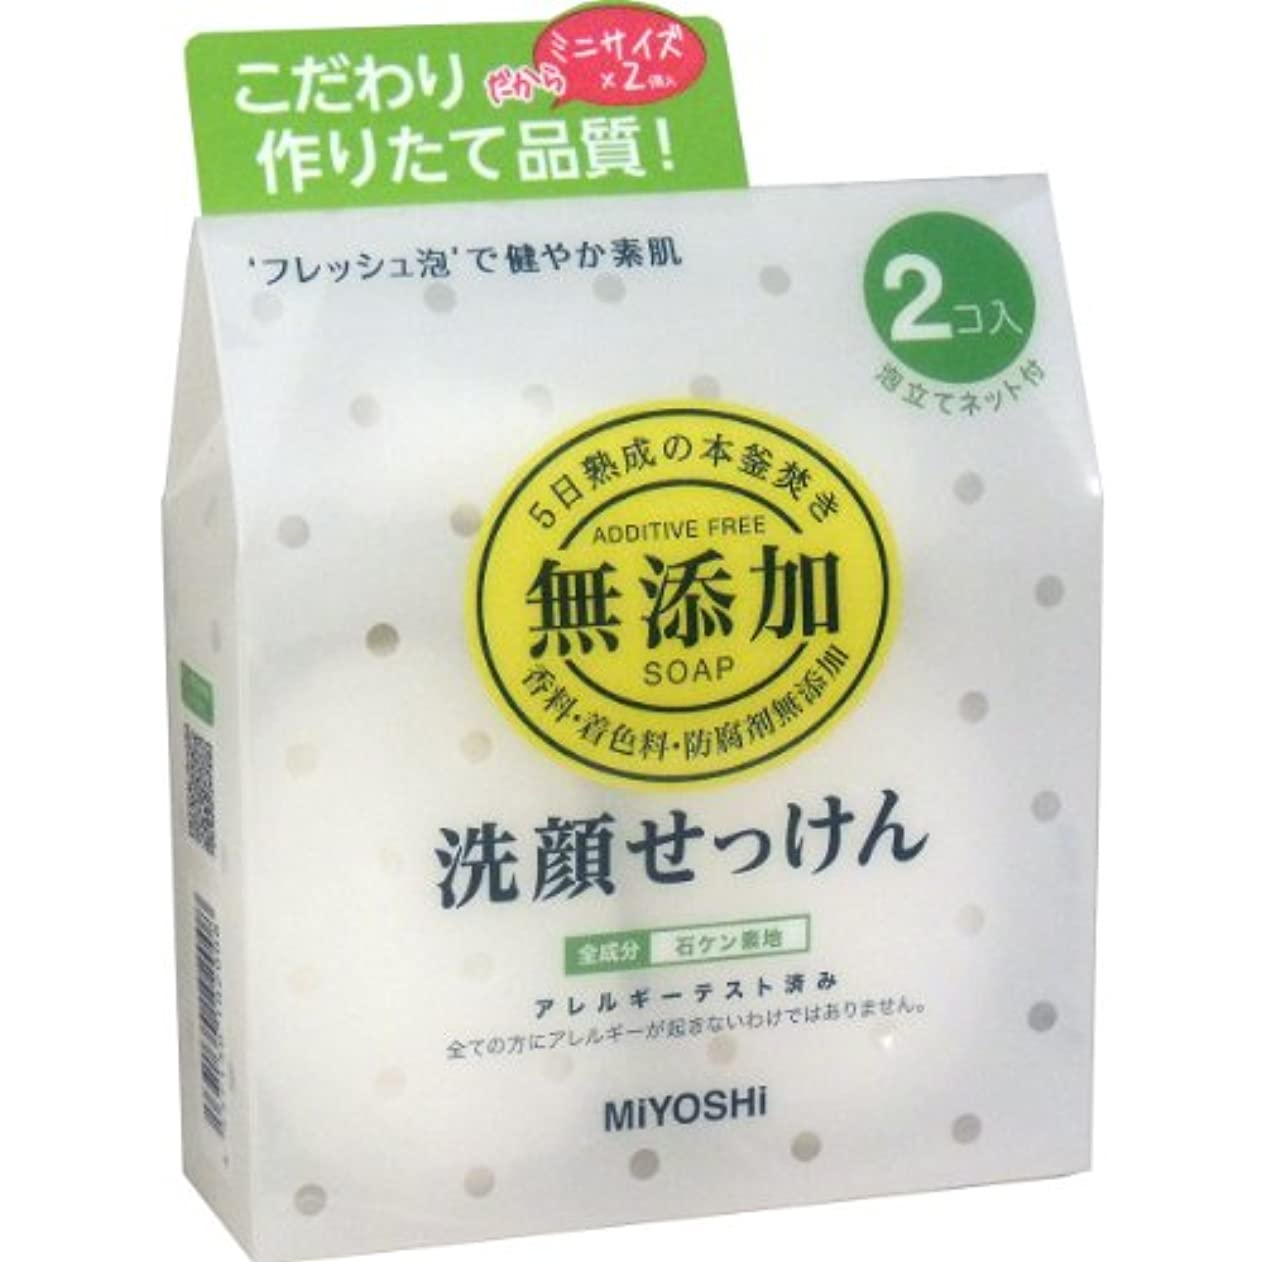 びんネーピア新しい意味【ミヨシ石鹸】無添加 洗顔せっけん 40g×2コ入 ×20個セット